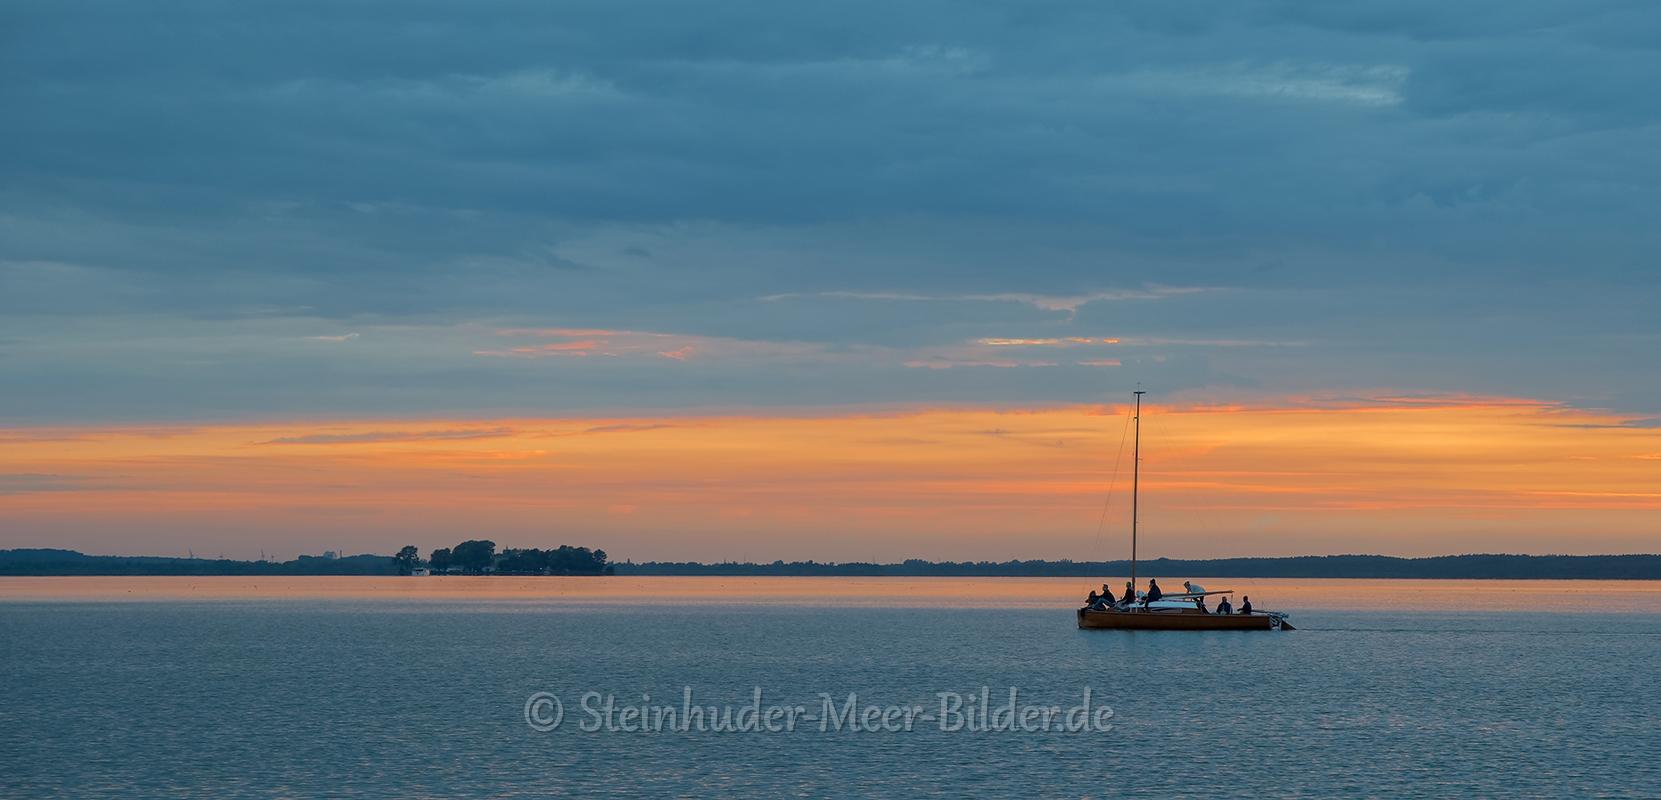 Abendrot-Sonnenuntergang-Abendhimmel-Daemmerung-Abendstimmung-Abendlicht-Steinhuder Meer-C_SAM_0942a